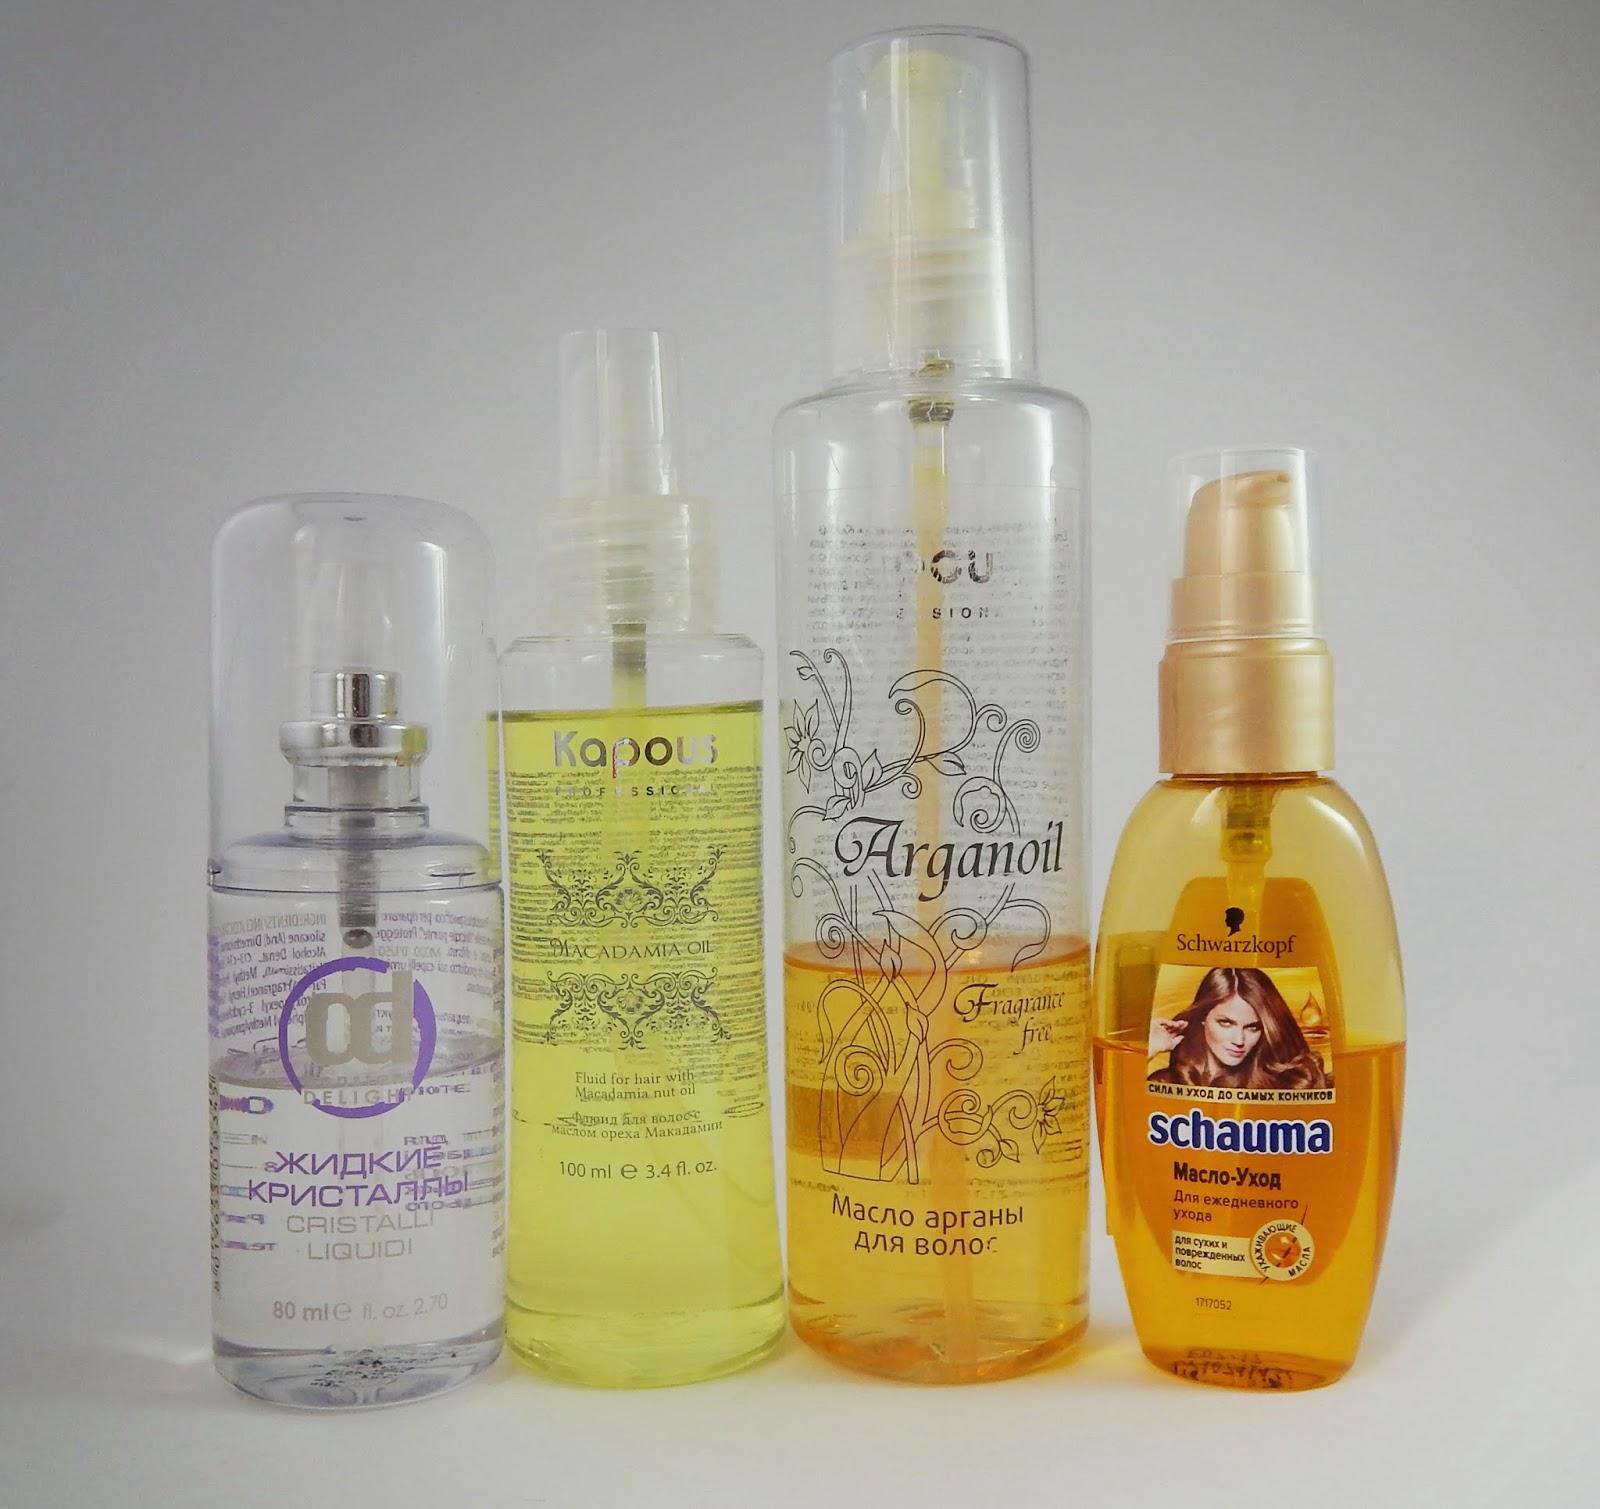 Чем отличается сыворотка от масла для волос